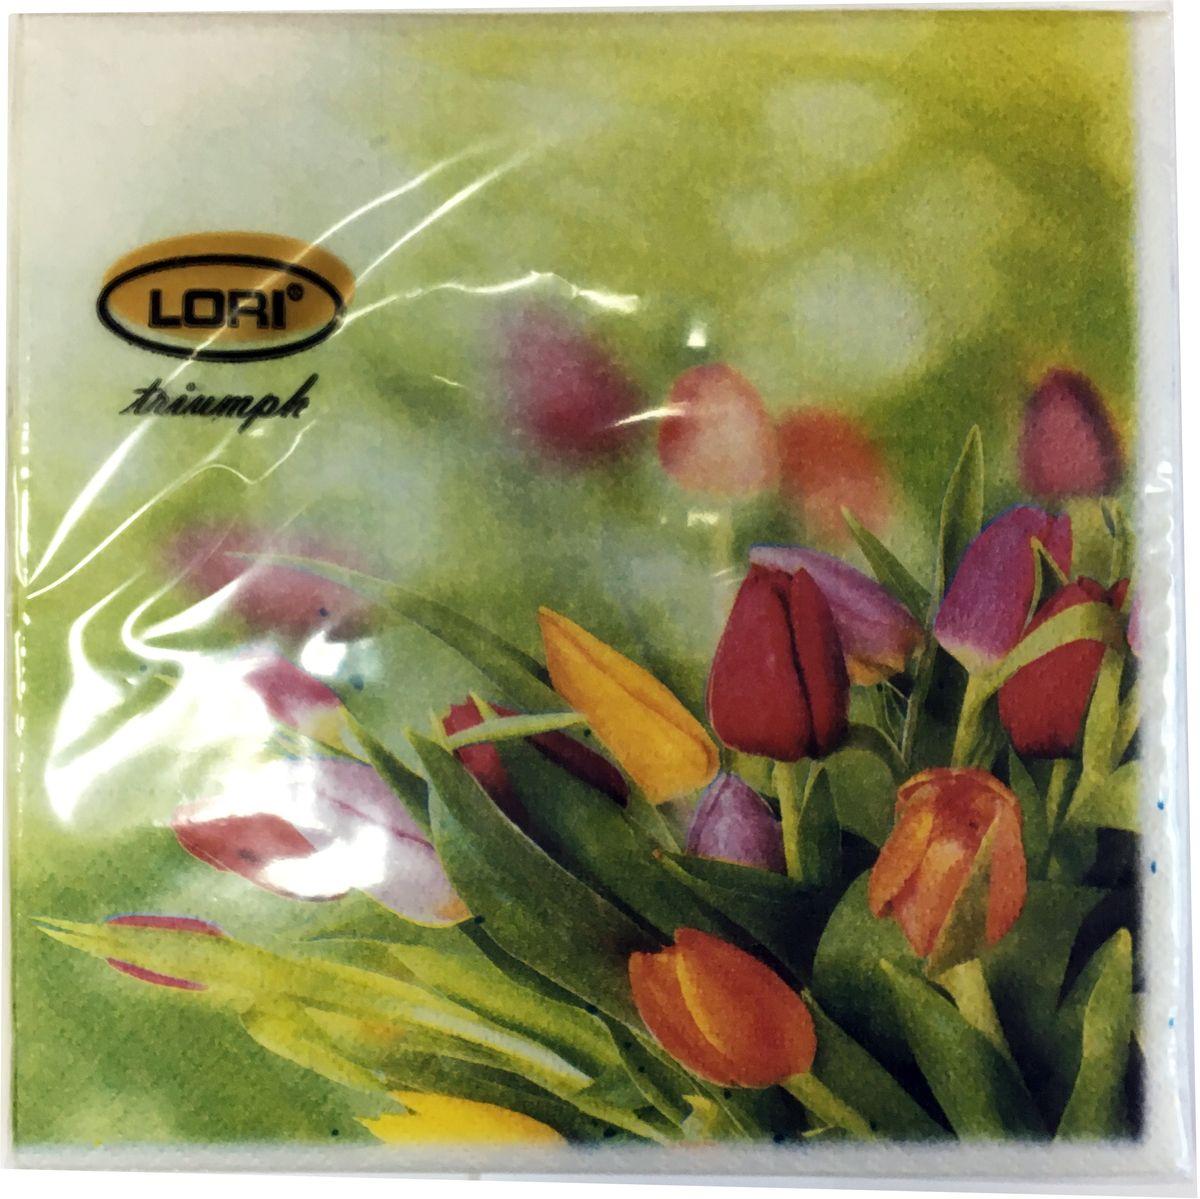 Салфетки бумажные Lori Triumph, трехслойные, цвет: зеленый, желтый, красный, 33 х 33 см, 20 шт. 5661056610Декоративные трехслойные салфетки Lori Triumph выполнены из 100% целлюлозы и оформлены ярким рисунком. Изделия станут отличным дополнением любого праздничного стола. Они отличаются необычной мягкостью, прочностью и оригинальностью. Размер салфеток в развернутом виде: 33 х 33 см.